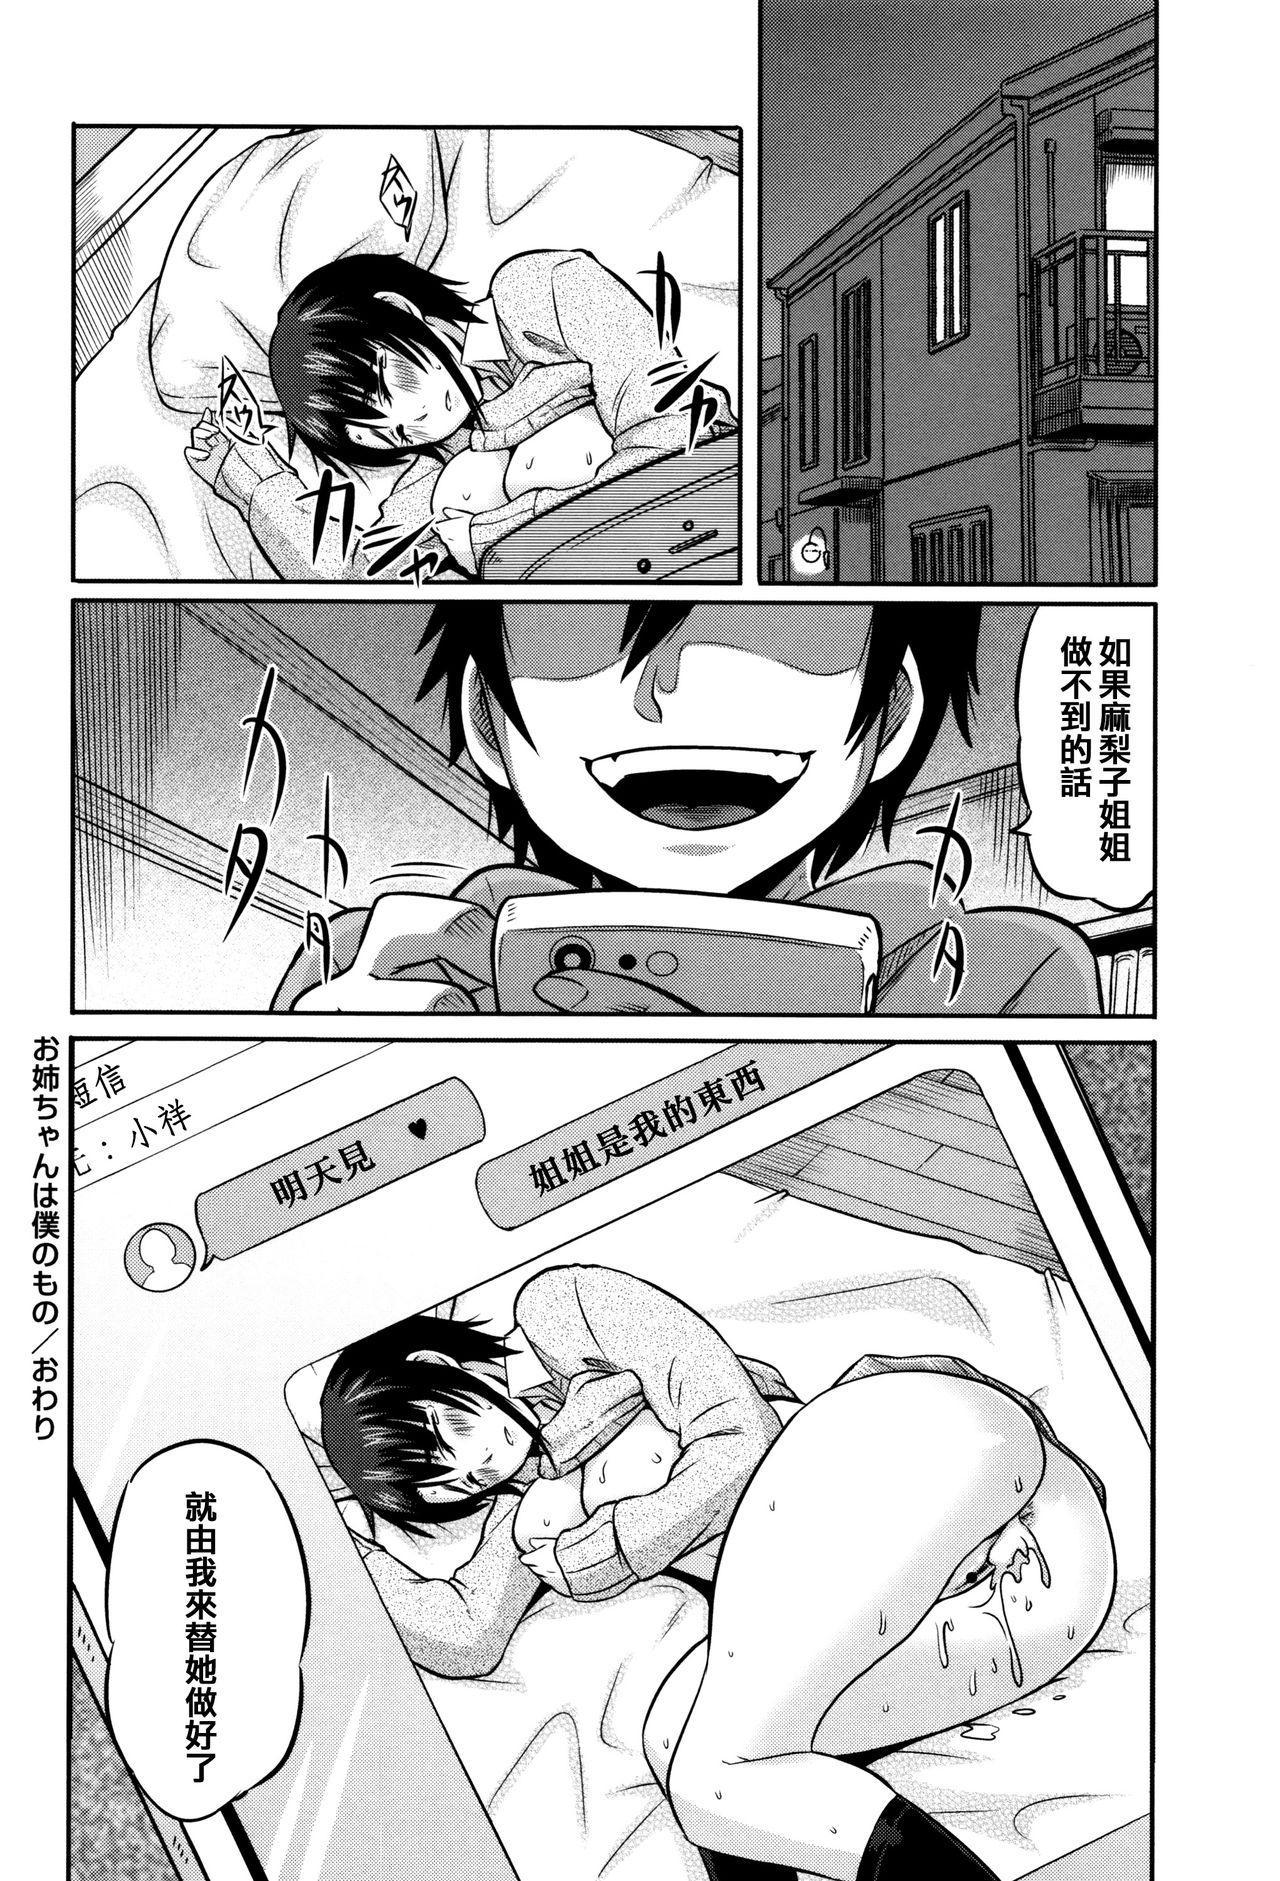 Mama Shibori x Ane Ijiri 53